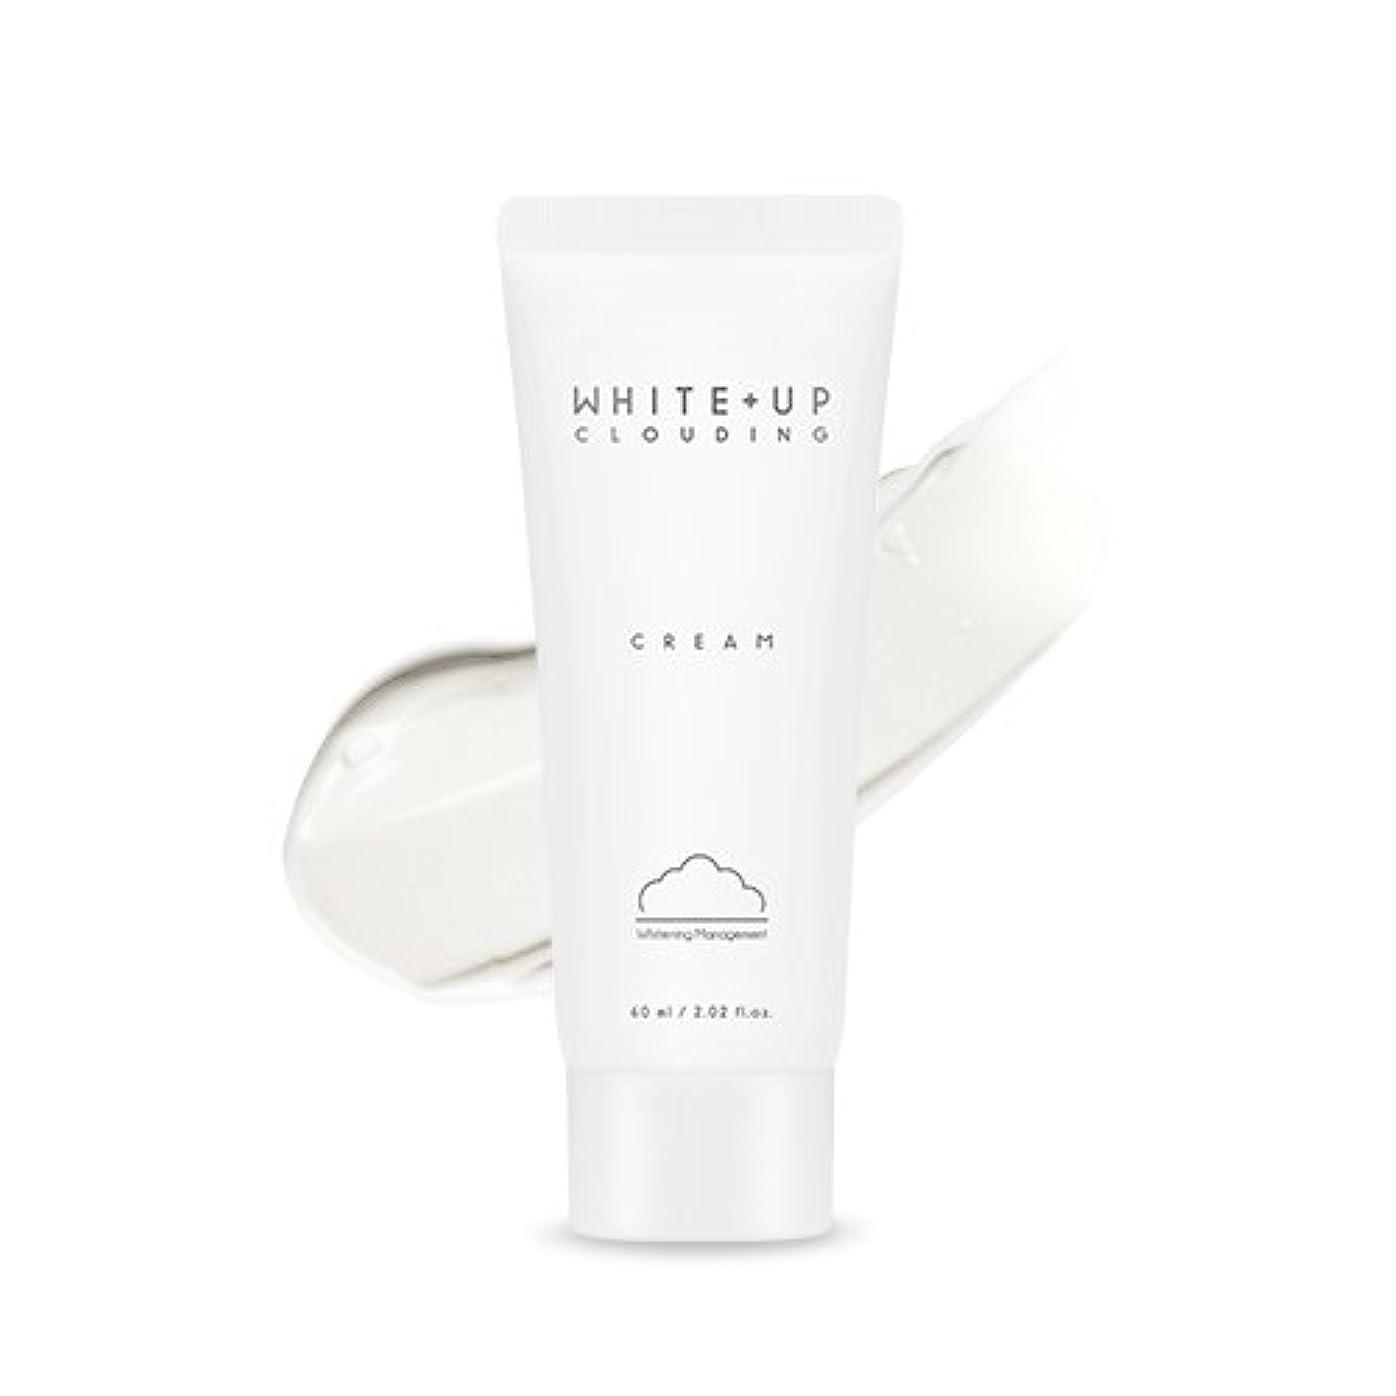 送る凍った有罪APIEU (WHITE+UP) Clouding Cream/アピュ ホワイトアップクラウドディングクリーム 60ml [並行輸入品]